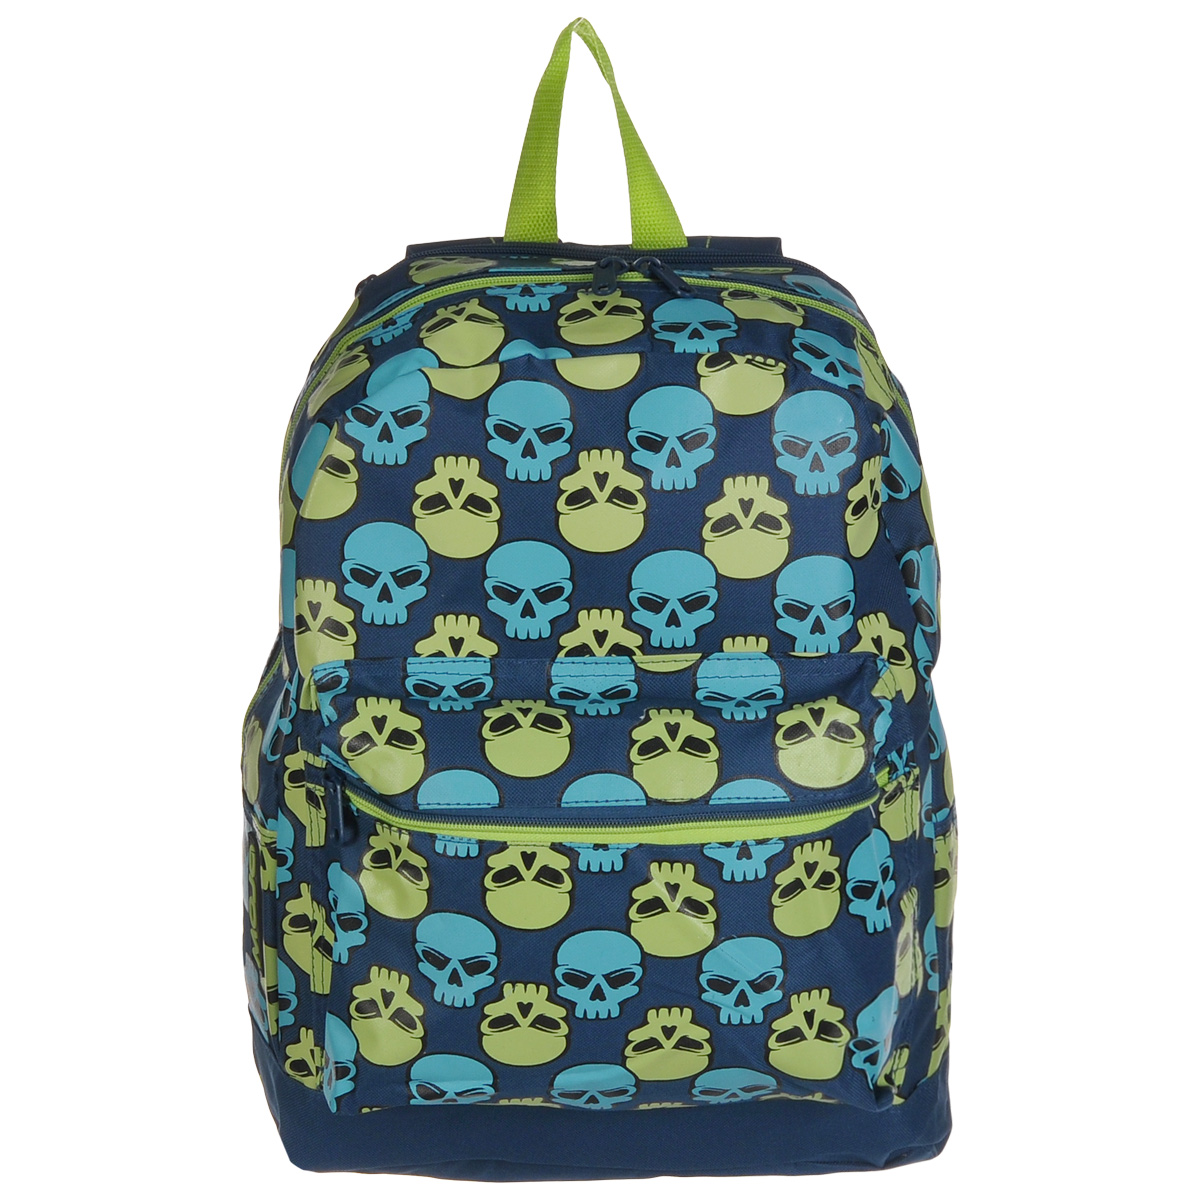 Рюкзак городской Mojo Pax Brite Skull Checker, 17 лKZ9983489Городской рюкзак Mojo Pax Brite Skull Checker подходит для тех, кто привык шокировать и выделяться из толпы. Идеальный вариант для школьников и студентов. Рюкзак выполнен из плотного полиэстера с оригинальным рисунком, материал изделия устойчив к воздействию влаги и не выгорает. За счет люминесцентной краски рисунок светится в ультрафиолете и темноте. Модель очень вместительная и функциональная: в основной отсек, закрывающийся на застежку-молнию, вместятся тетрадки, учебники и другие вещи. Также имеется специальное отделение для планшета, с мягкими стенками для защиты гаджета от повреждений. Снаружи расположен карман на молнии для мелочей. Рюкзак имеет уплотненную спинку и мягкие широкие лямки регулируемой длины, а также петлю для переноски в руке. Модель имеет довольно смелый и даже вызывающий дизайн. Этот рюкзак украшают многочисленные черепа, только они - совсем не мрачные! Немного мультяшные, голубые и зеленые детали этого анатомического орнамента понравятся тем, кто ценит яркие вещи, которые удивляют и привлекают всеобщее внимание.